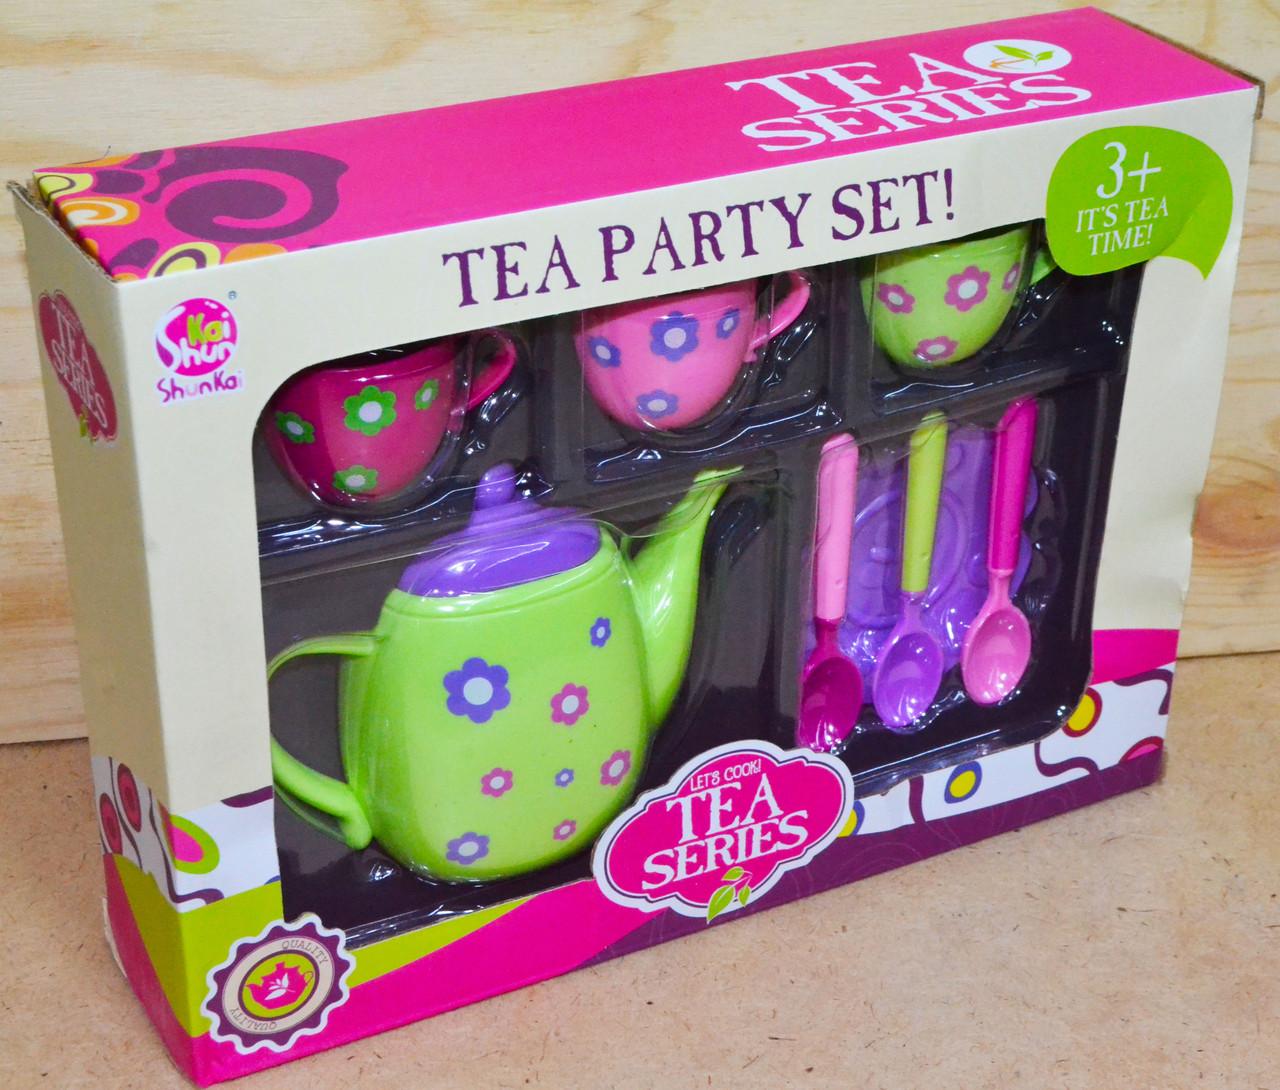 Sk64 Tea series чайный сервиз 20*28см